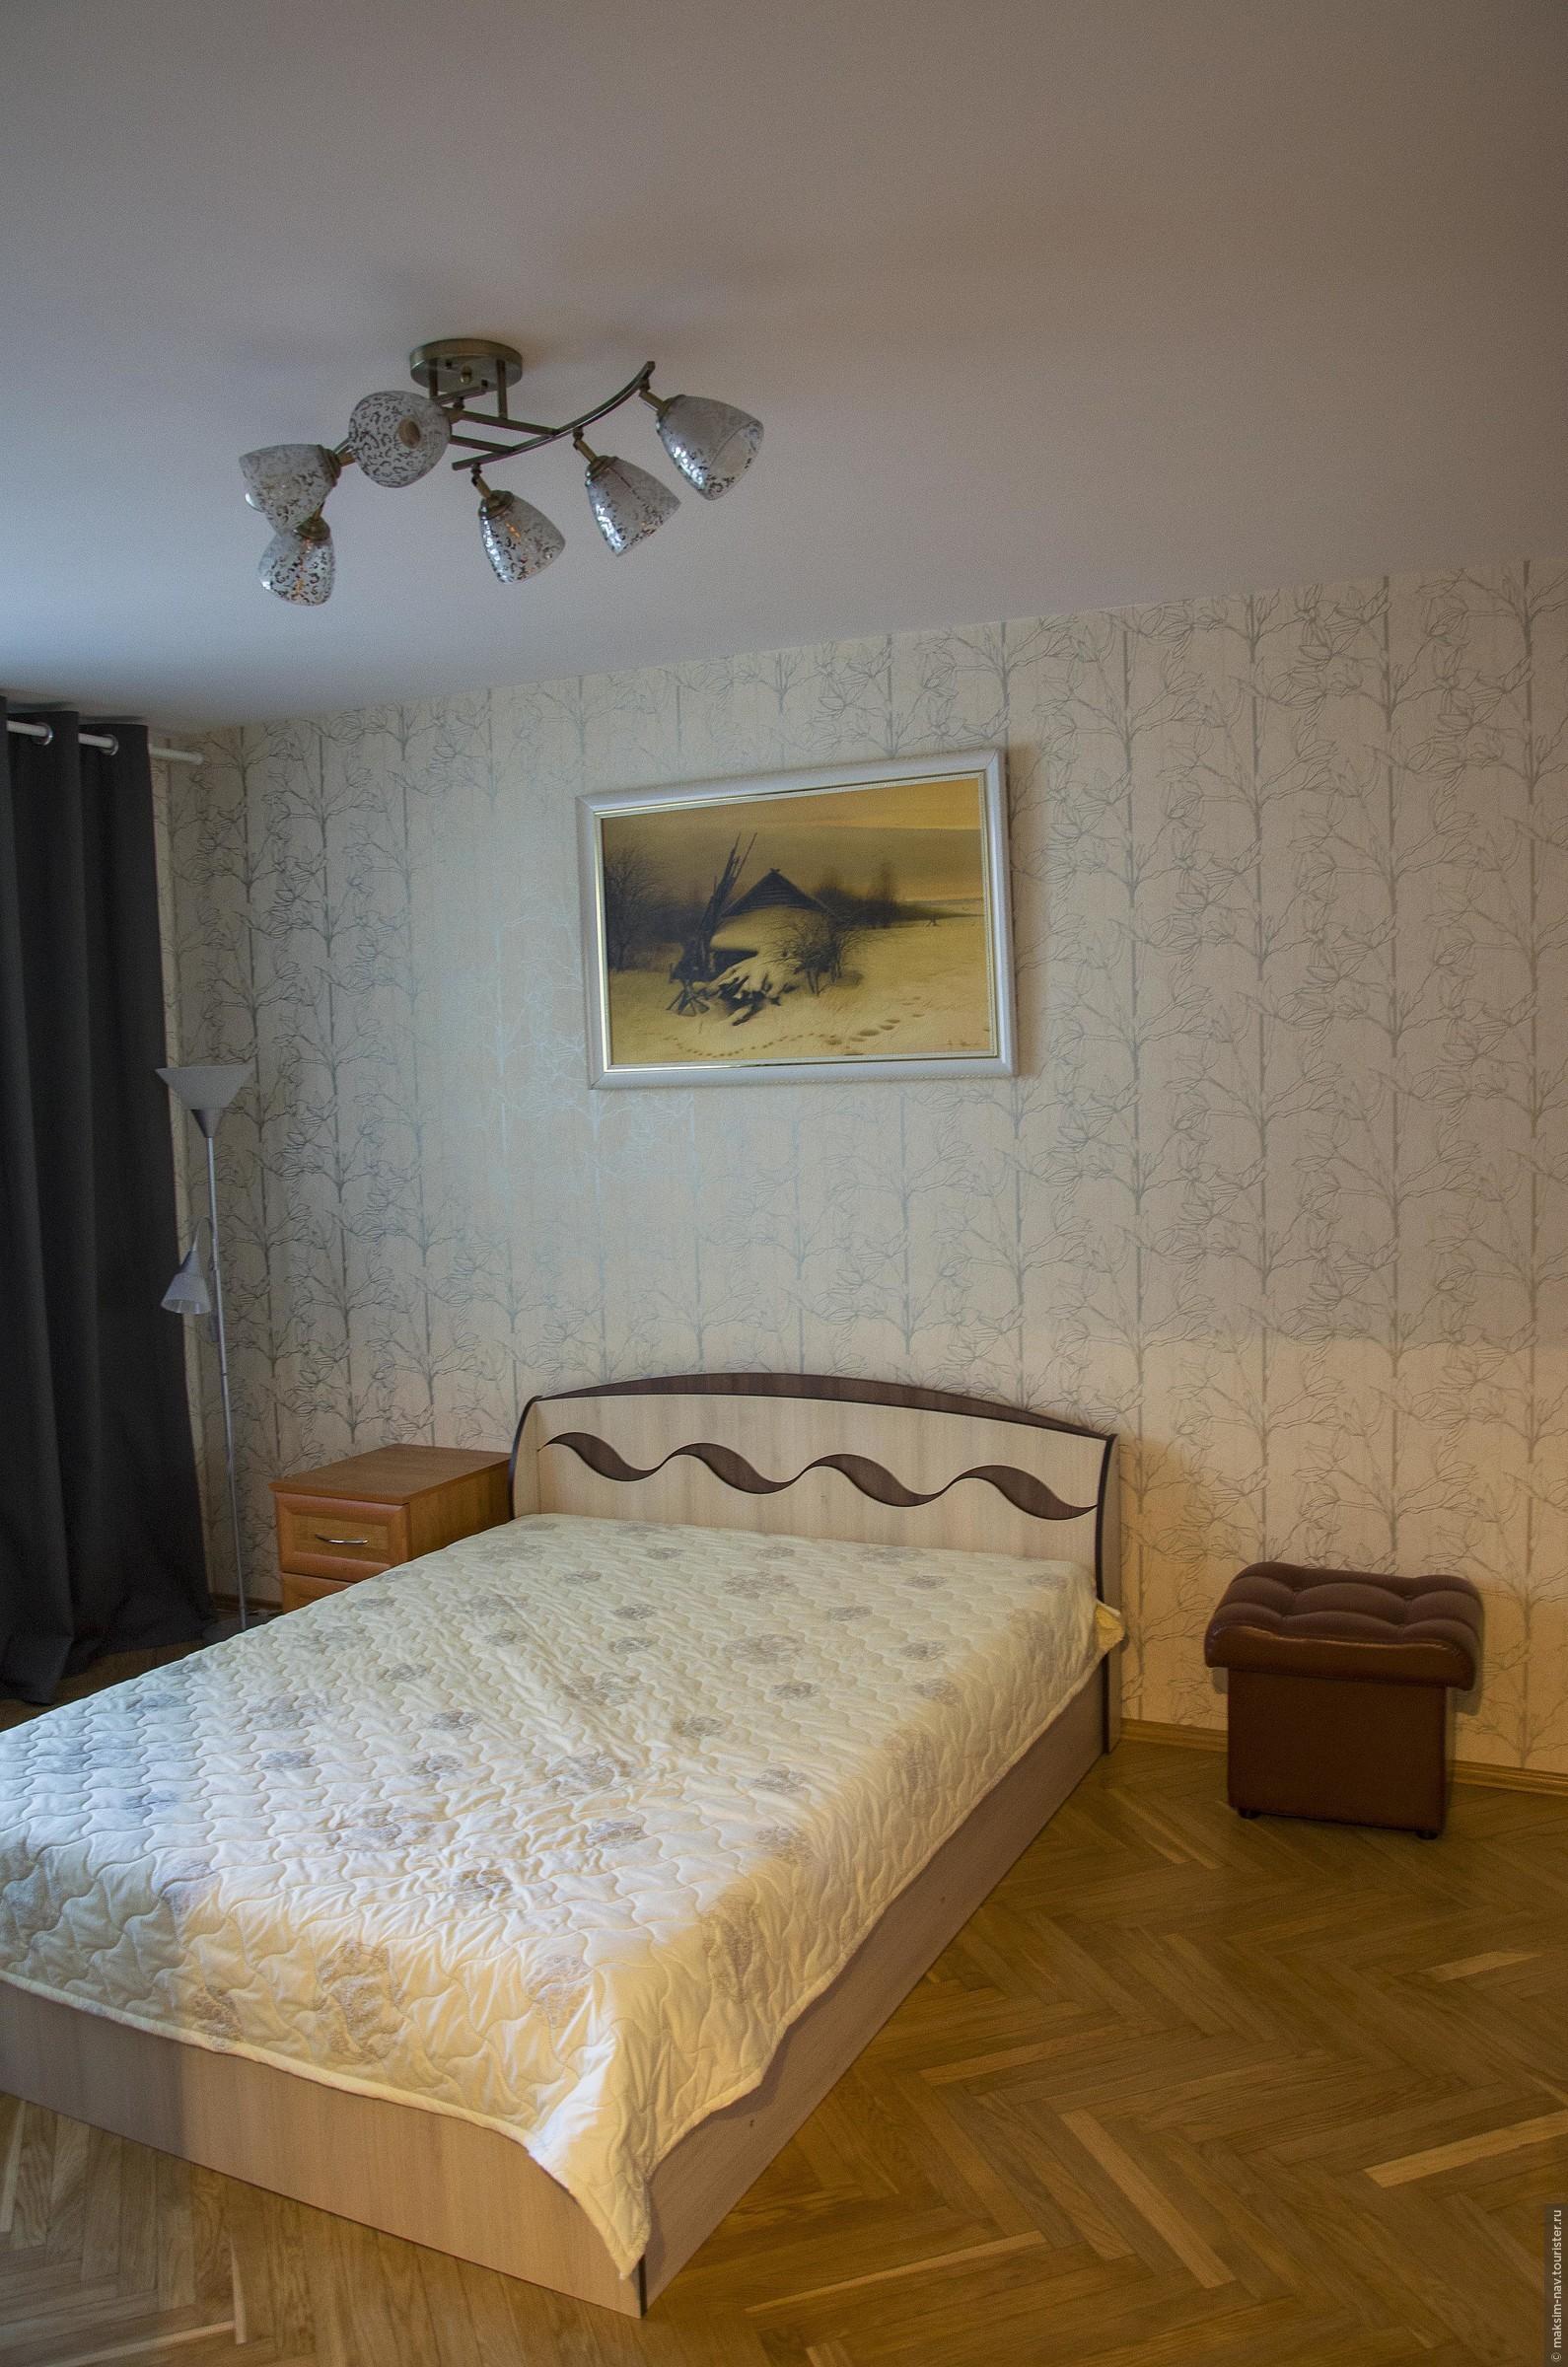 Быстренько бросив вещи и умывшись мы отправились осматривать город. Кстати, квартира оказалась вполне достойной - уютная, просторная и чистая и на кухне всё необходимое было. , Один день в Минске.